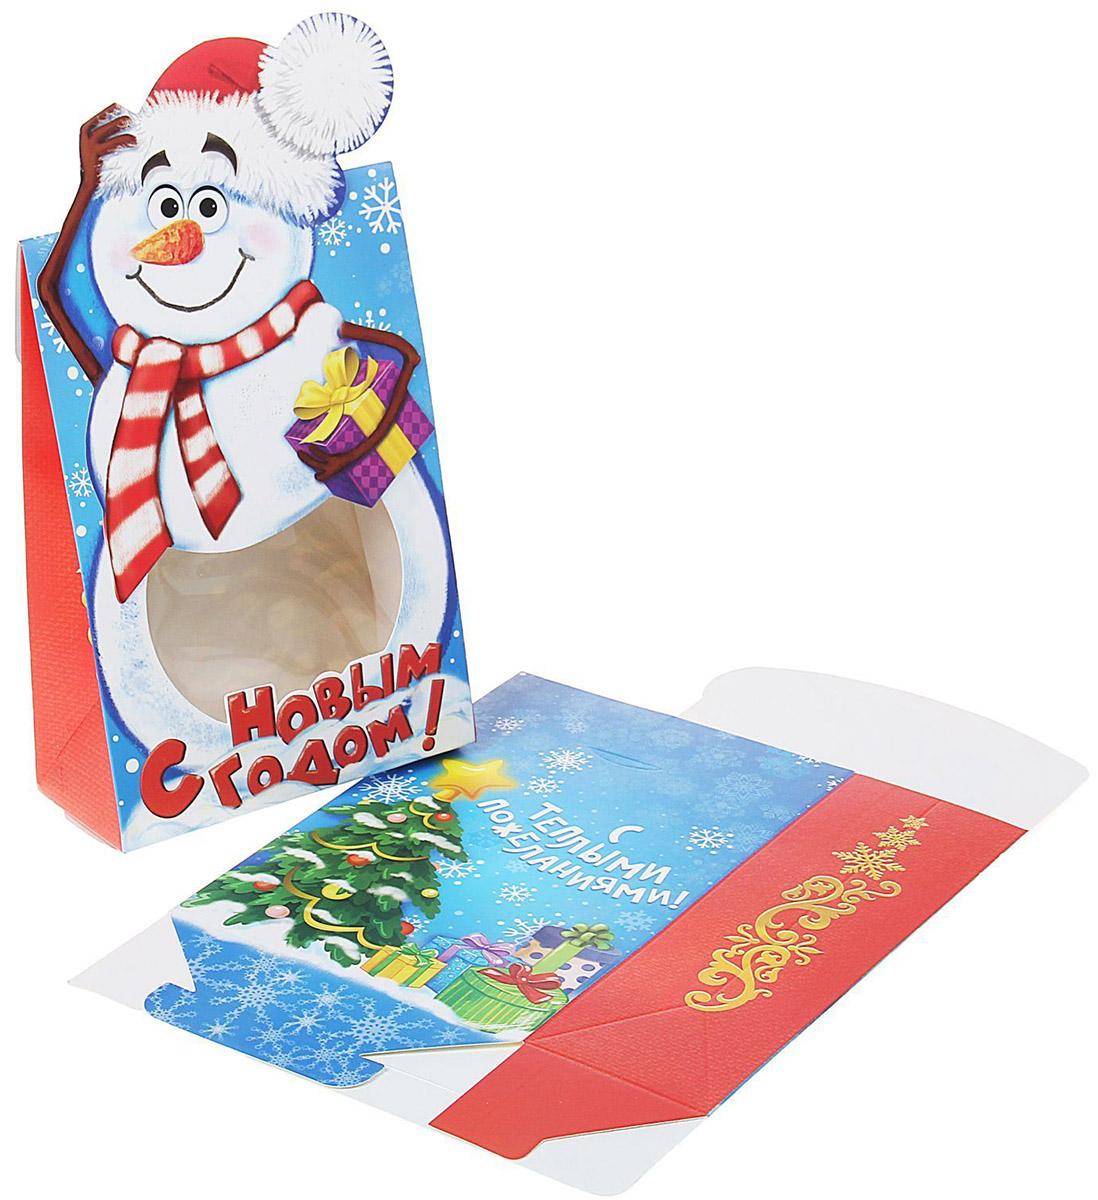 Коробка сборная фигурная Sima-land Снеговик, 15 х 22 см1073310Любой подарок начинается с упаковки. Что может быть трогательнее и волшебнее, чем ритуал разворачивания полученного презента. И именно оригинальная, со вкусом выбранная упаковка выделит ваш подарок из массы других. Она продемонстрирует самые теплые чувства к виновнику торжества и создаст сказочную атмосферу праздника.